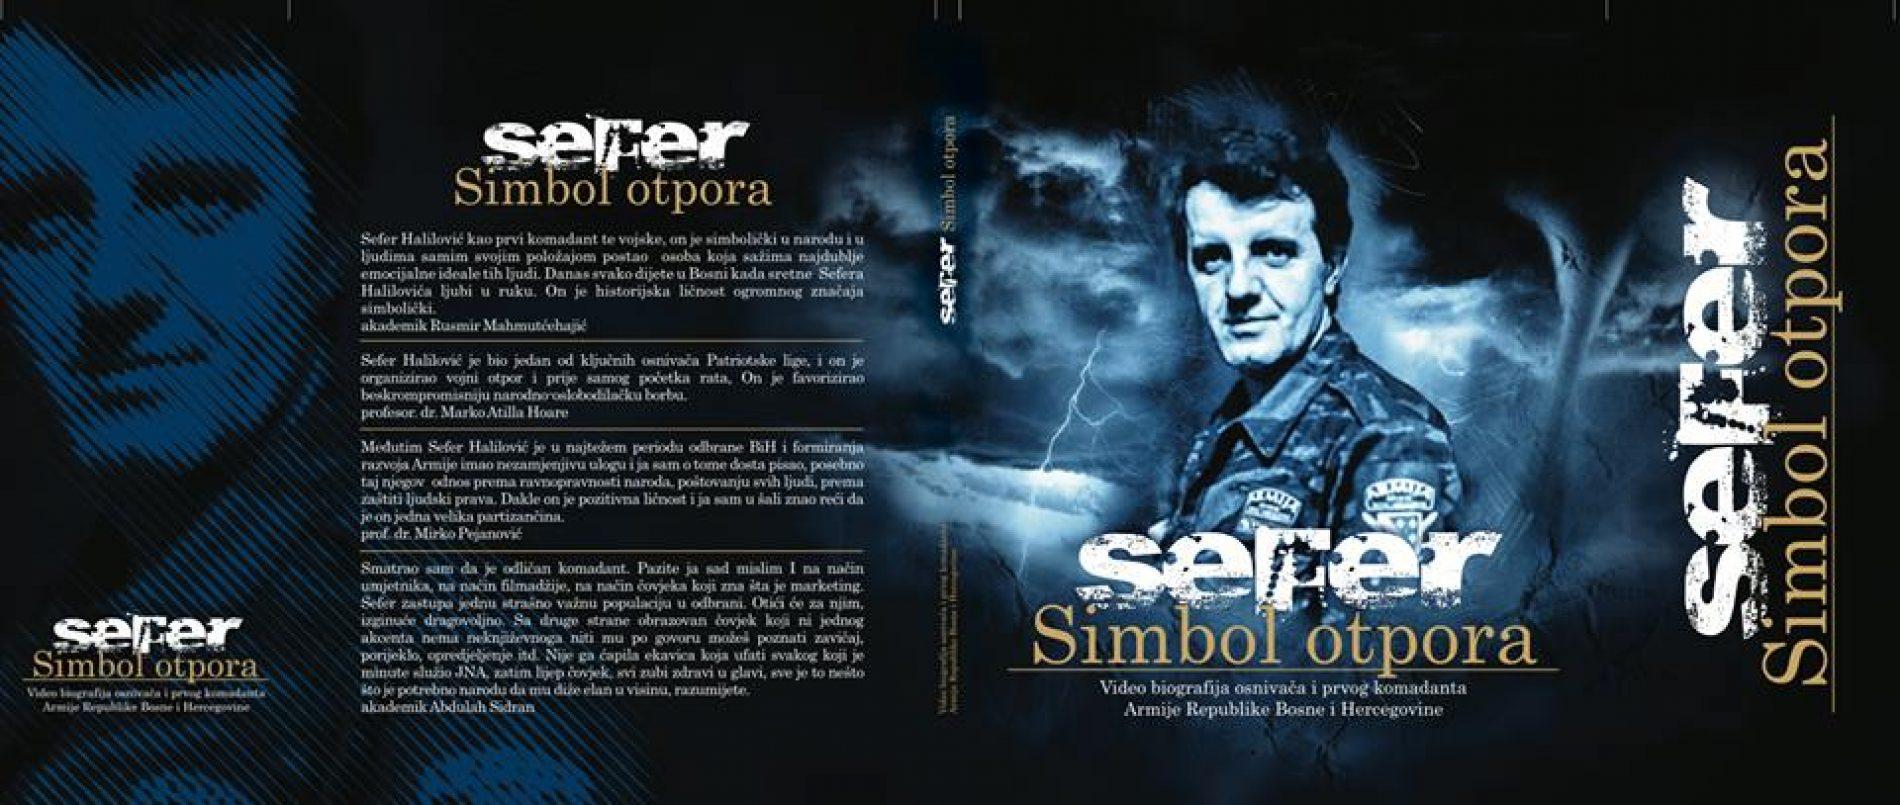 """Druga epizoda filma """"Simbol otpora"""" o generalu Seferu Haliloviću /VIDEO/"""